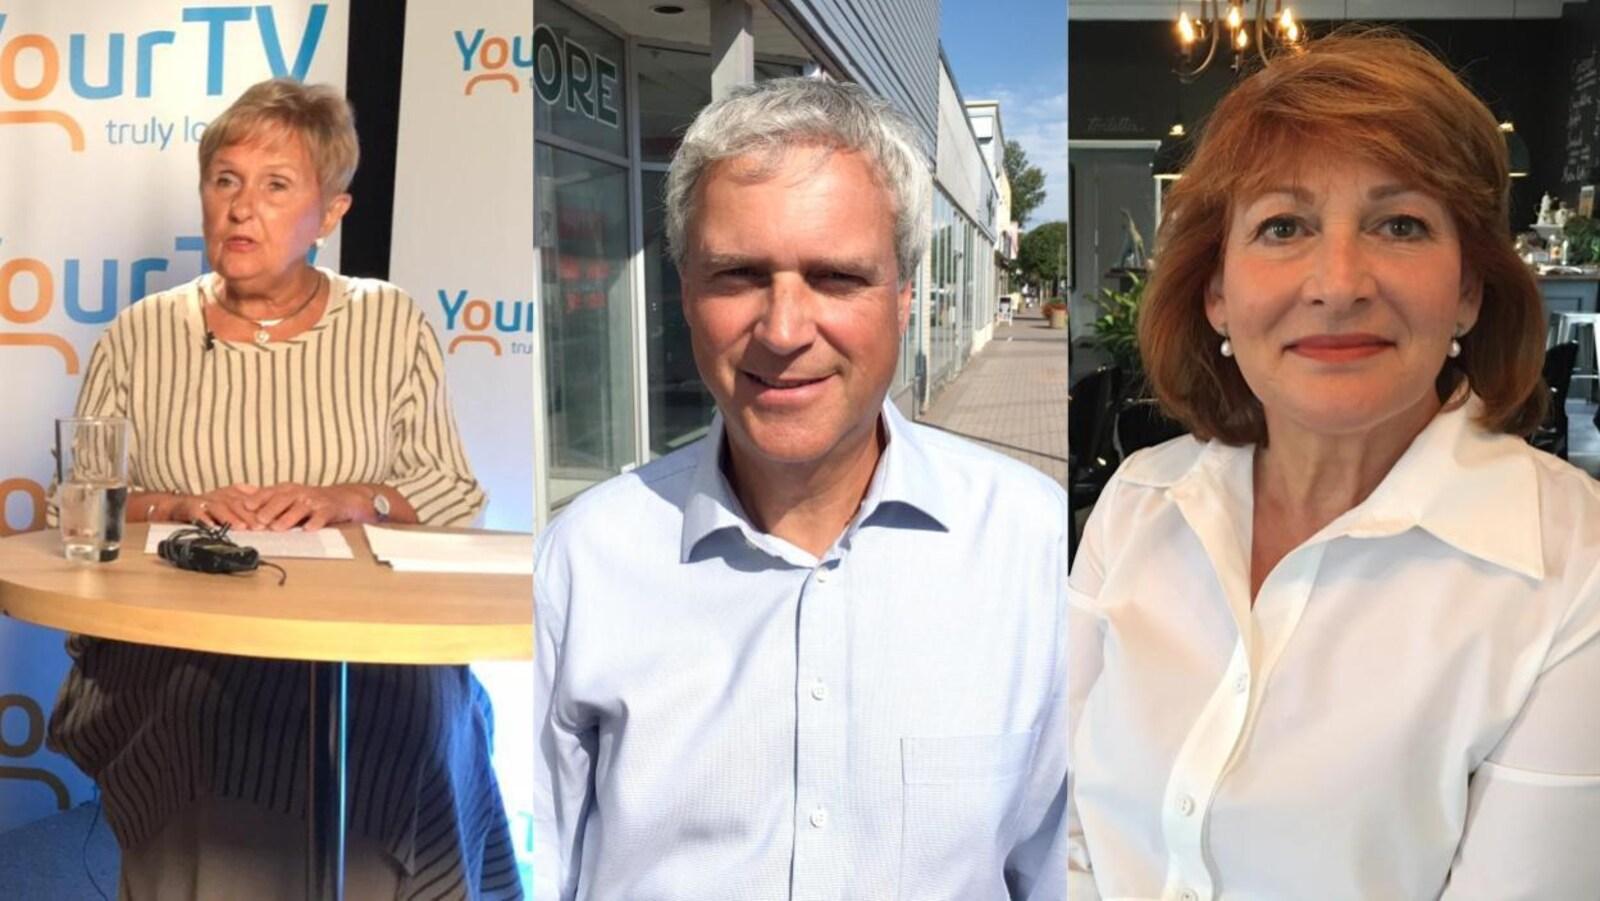 Un photo montage montre les trois candidats.